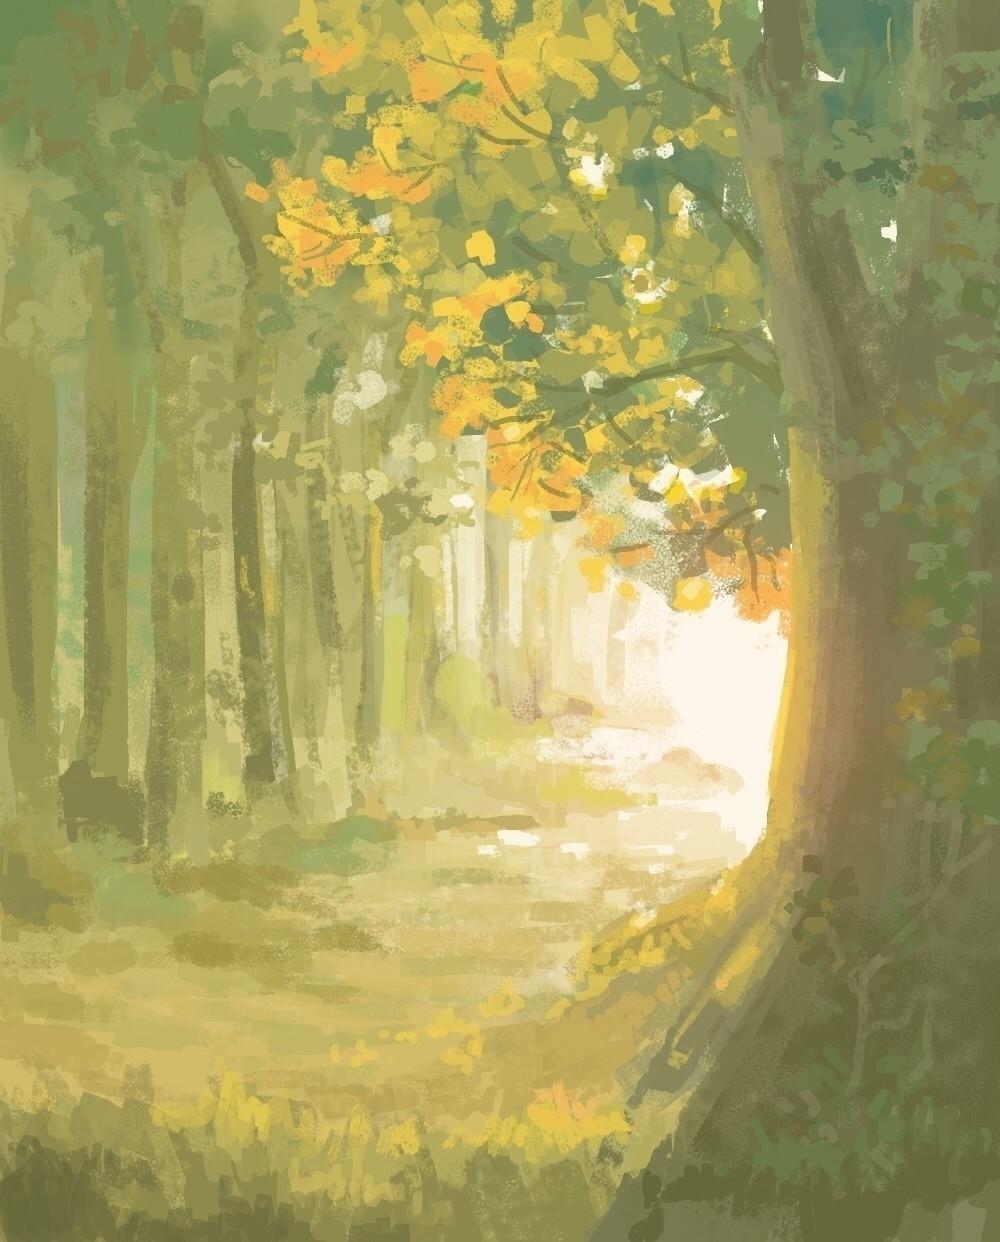 風景画 森の入り口ハートヘッドイラストnote